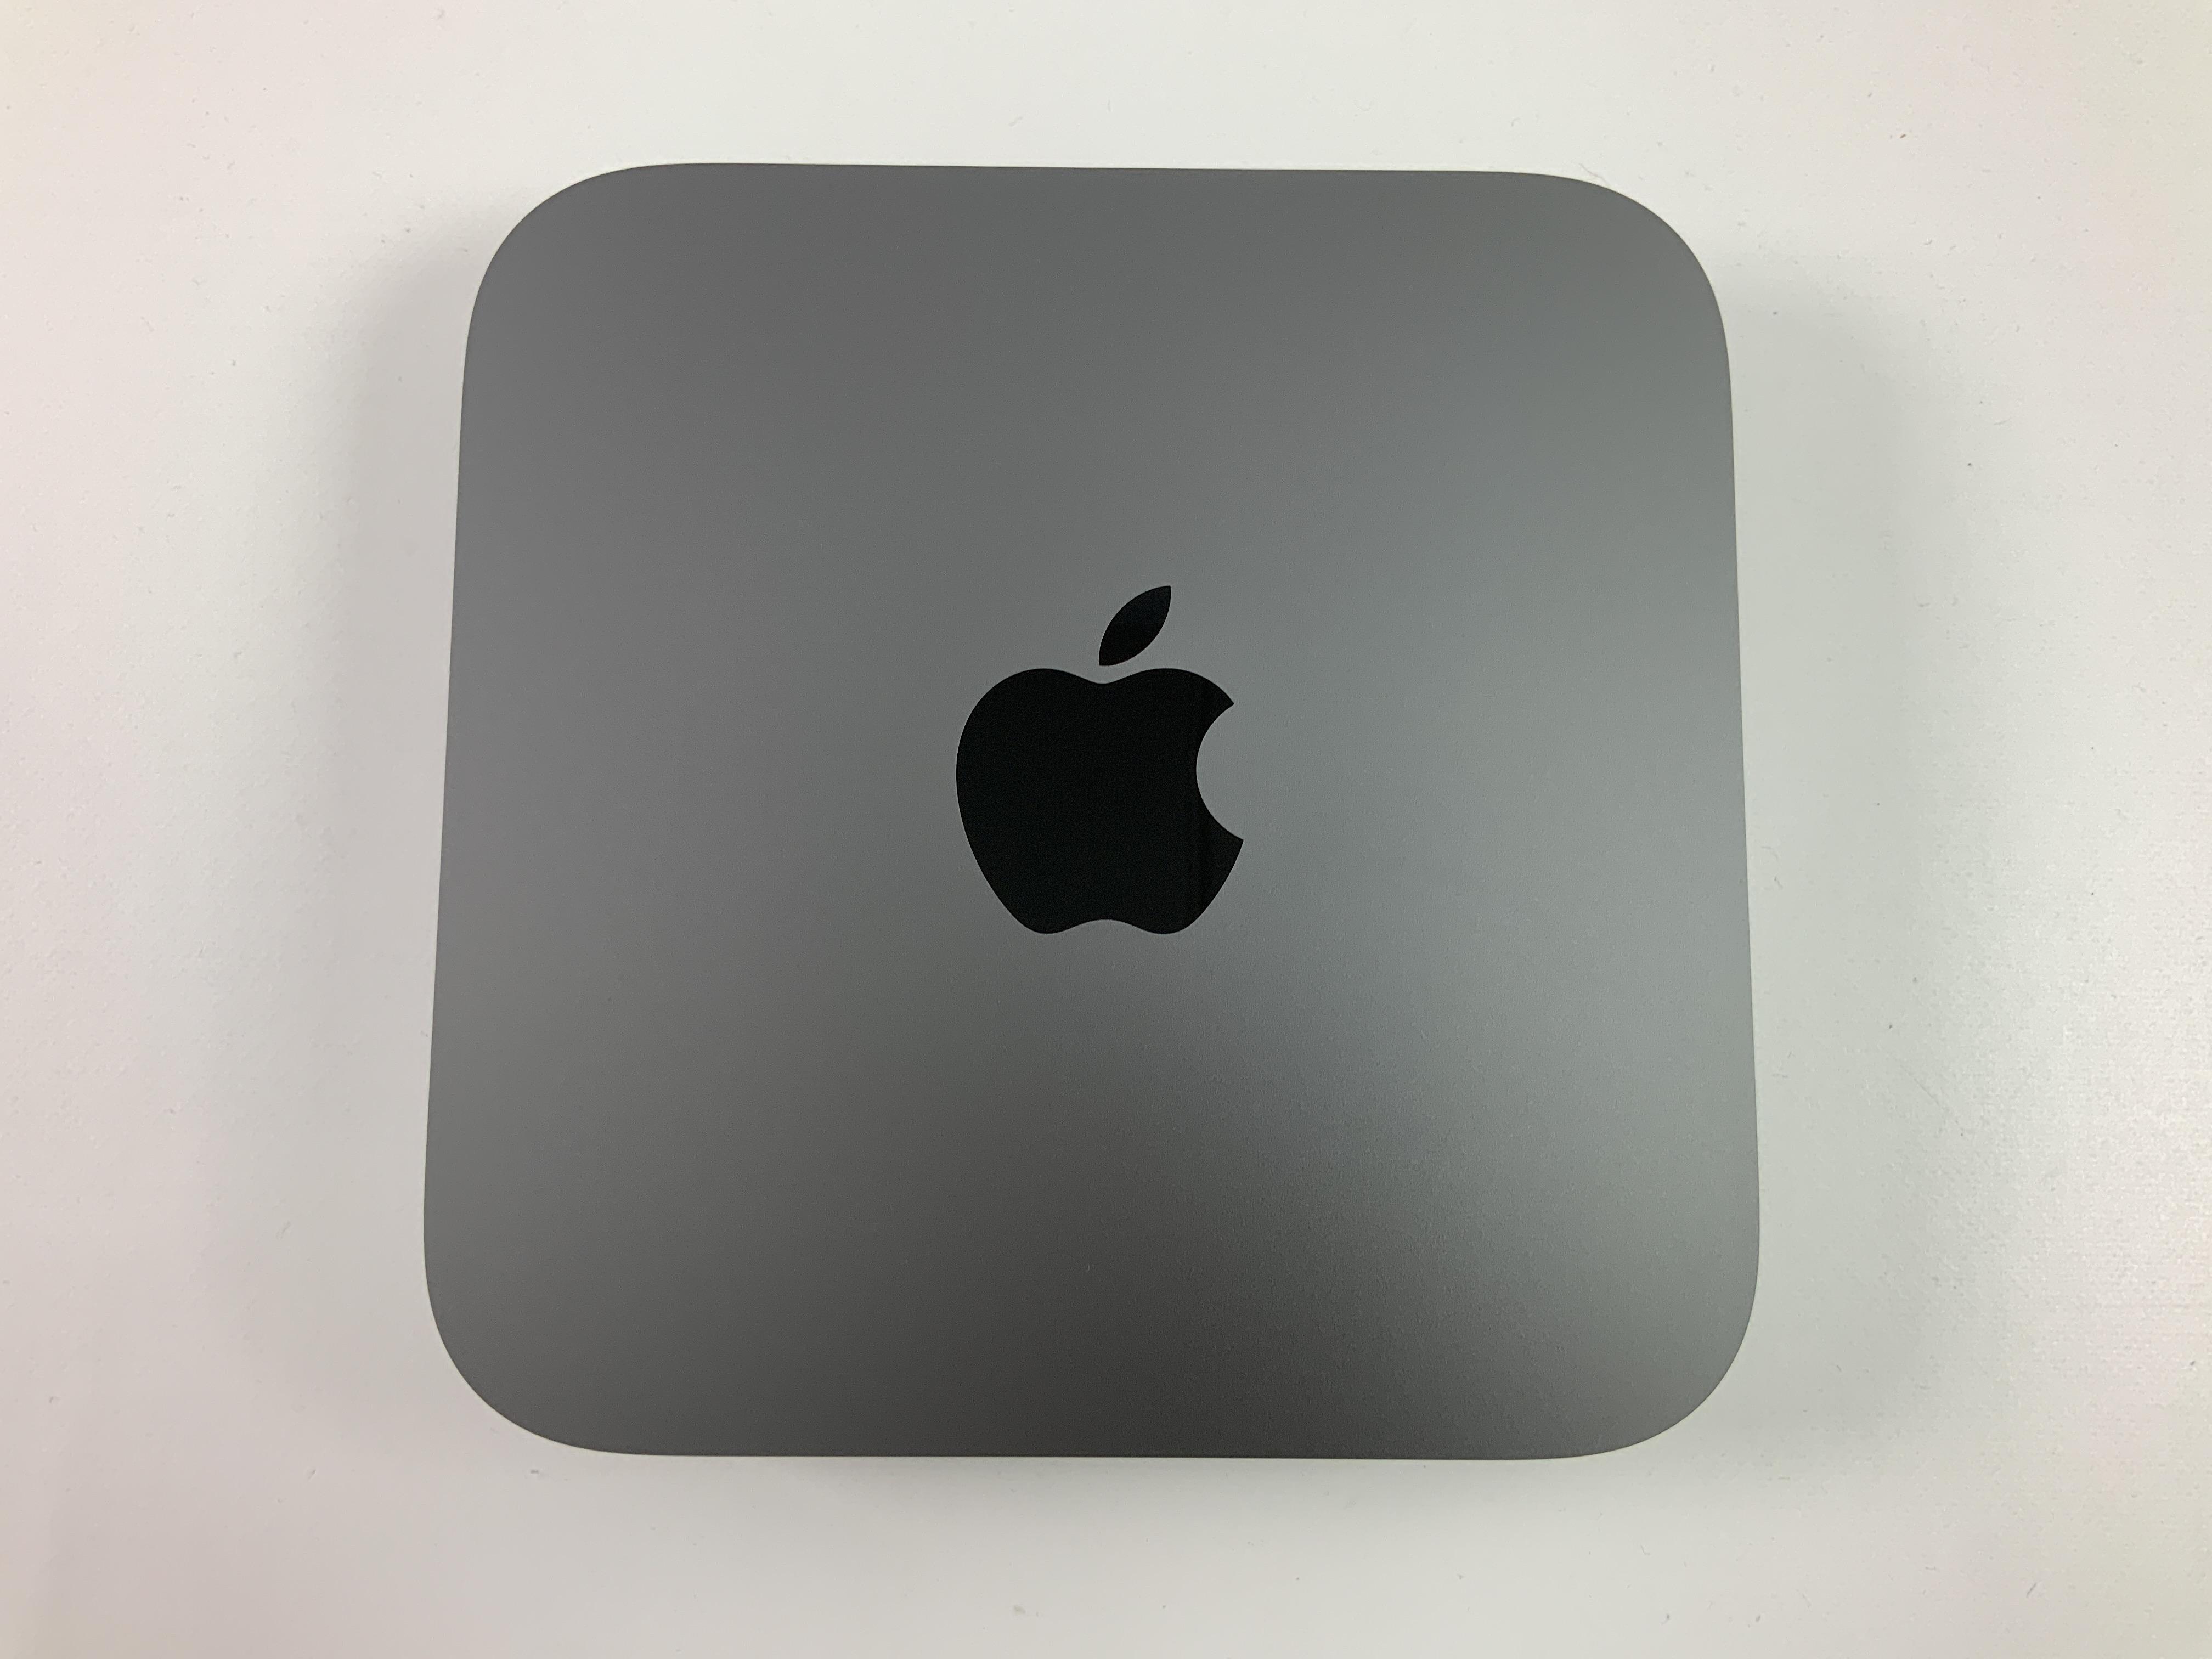 Mac Mini Late 2018 (Intel Quad-Core i3 3.6 GHz 8 GB RAM 128 GB SSD), Intel Quad-Core i3 3.6 GHz, 8 GB RAM, 128 GB SSD, Kuva 1